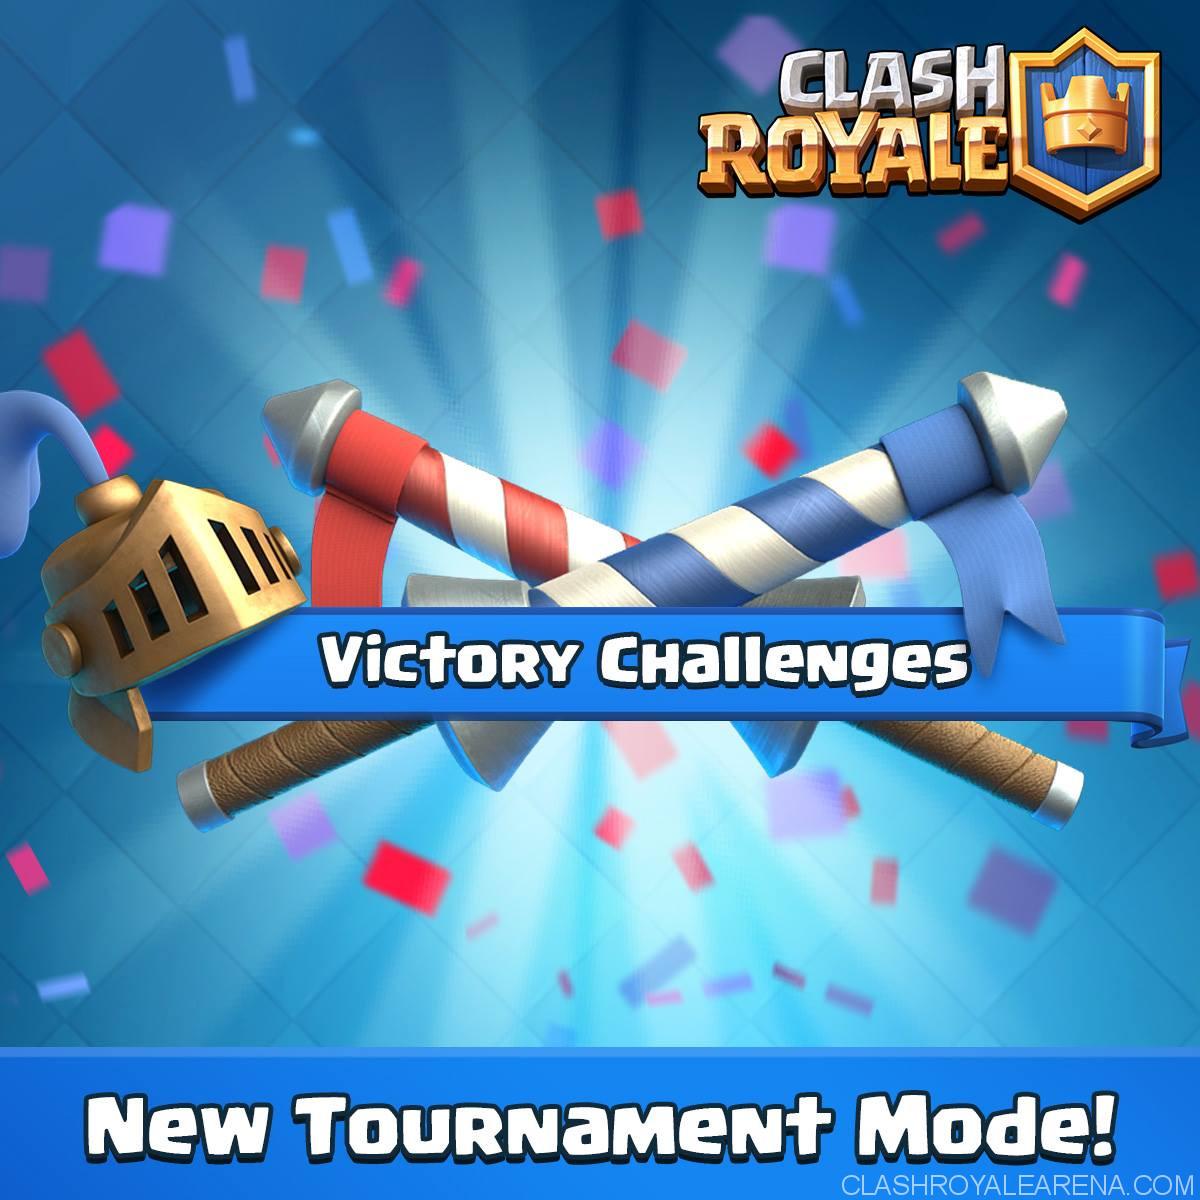 clash royale september Update neuer Turniermodus